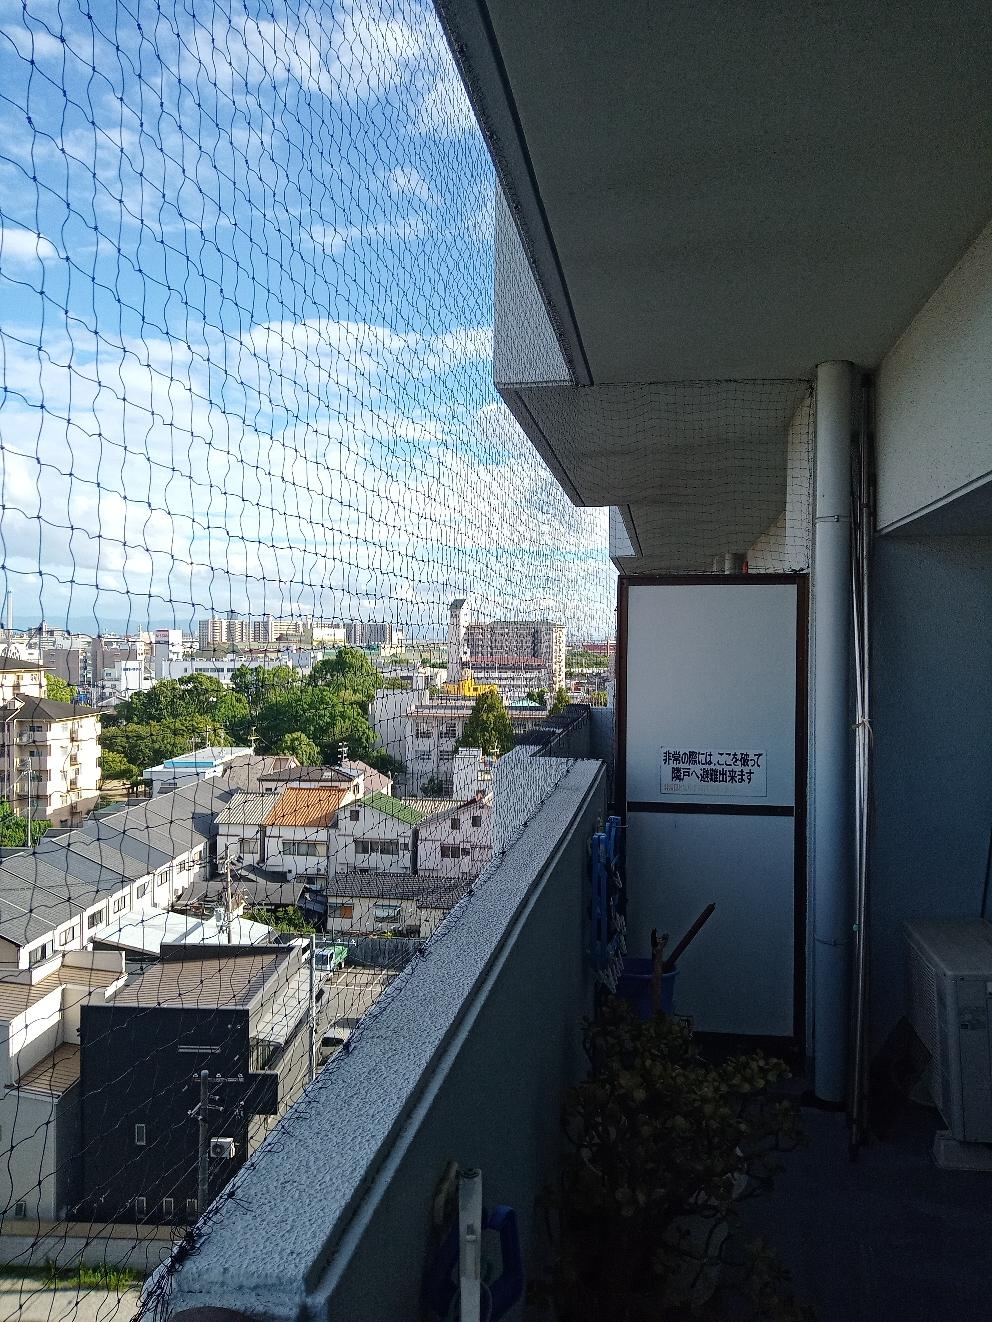 尼崎市での鳩よけネット施行